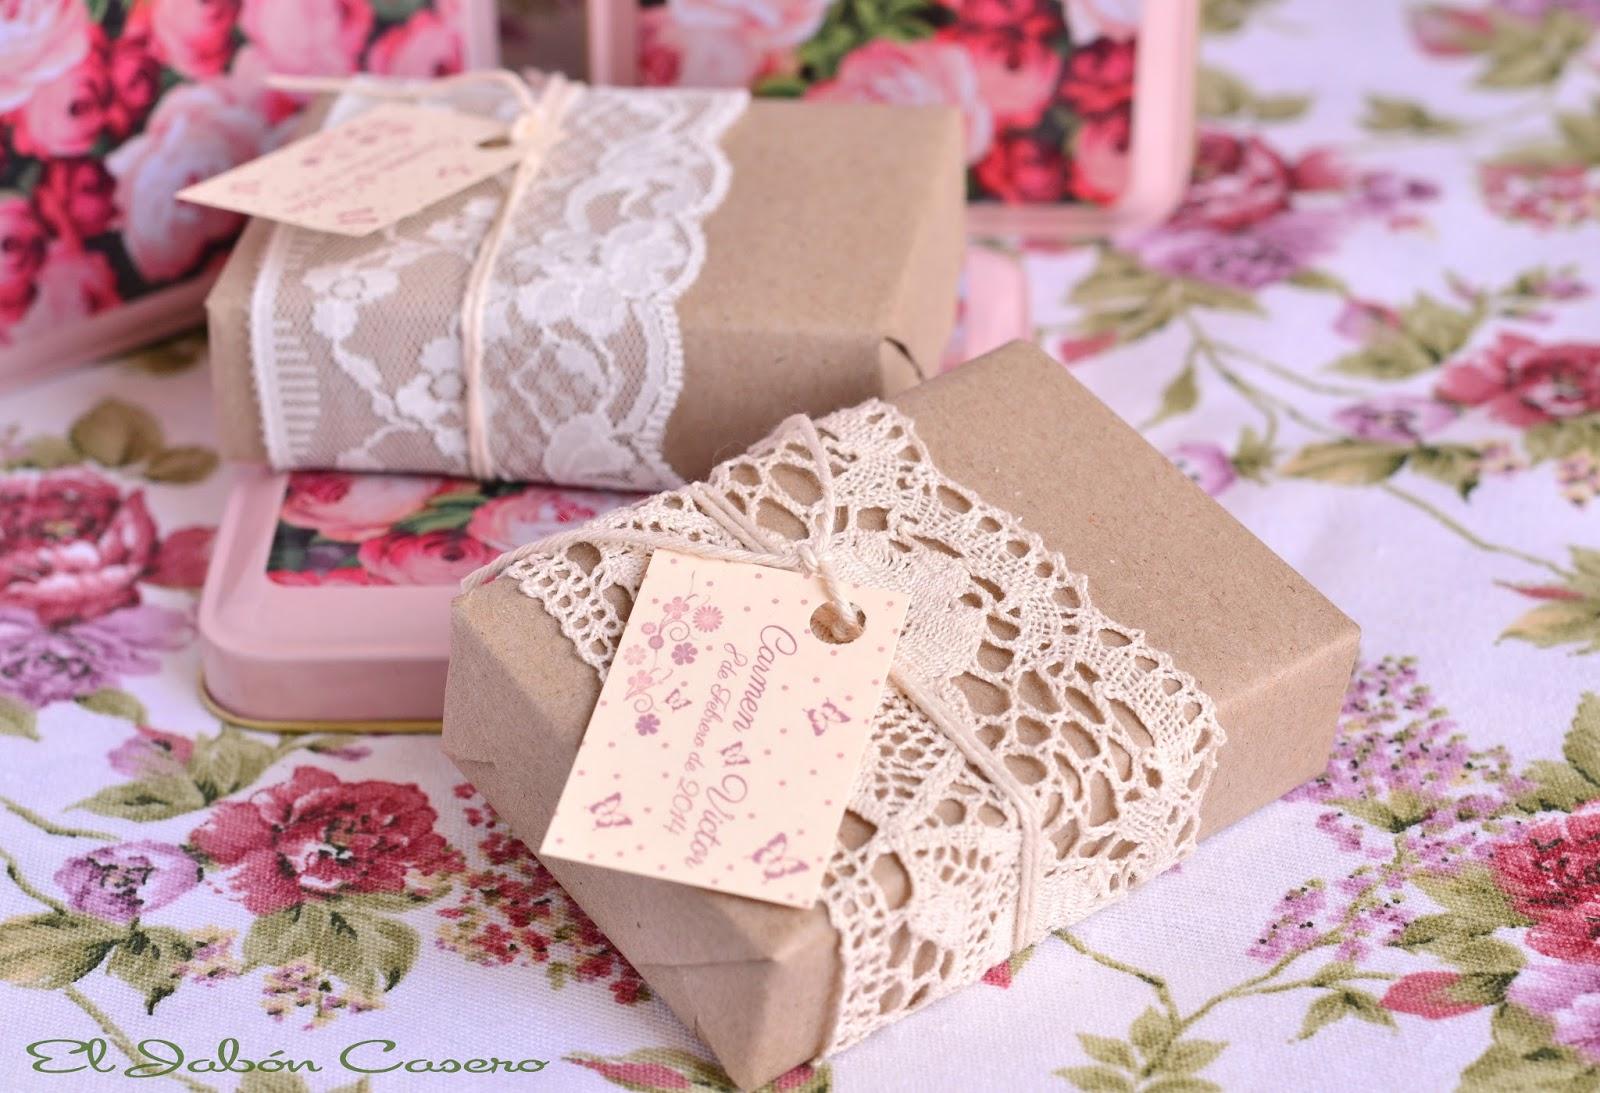 El jab n casero detalles de bodas jabones encajes - Detalles para regalar en boda ...